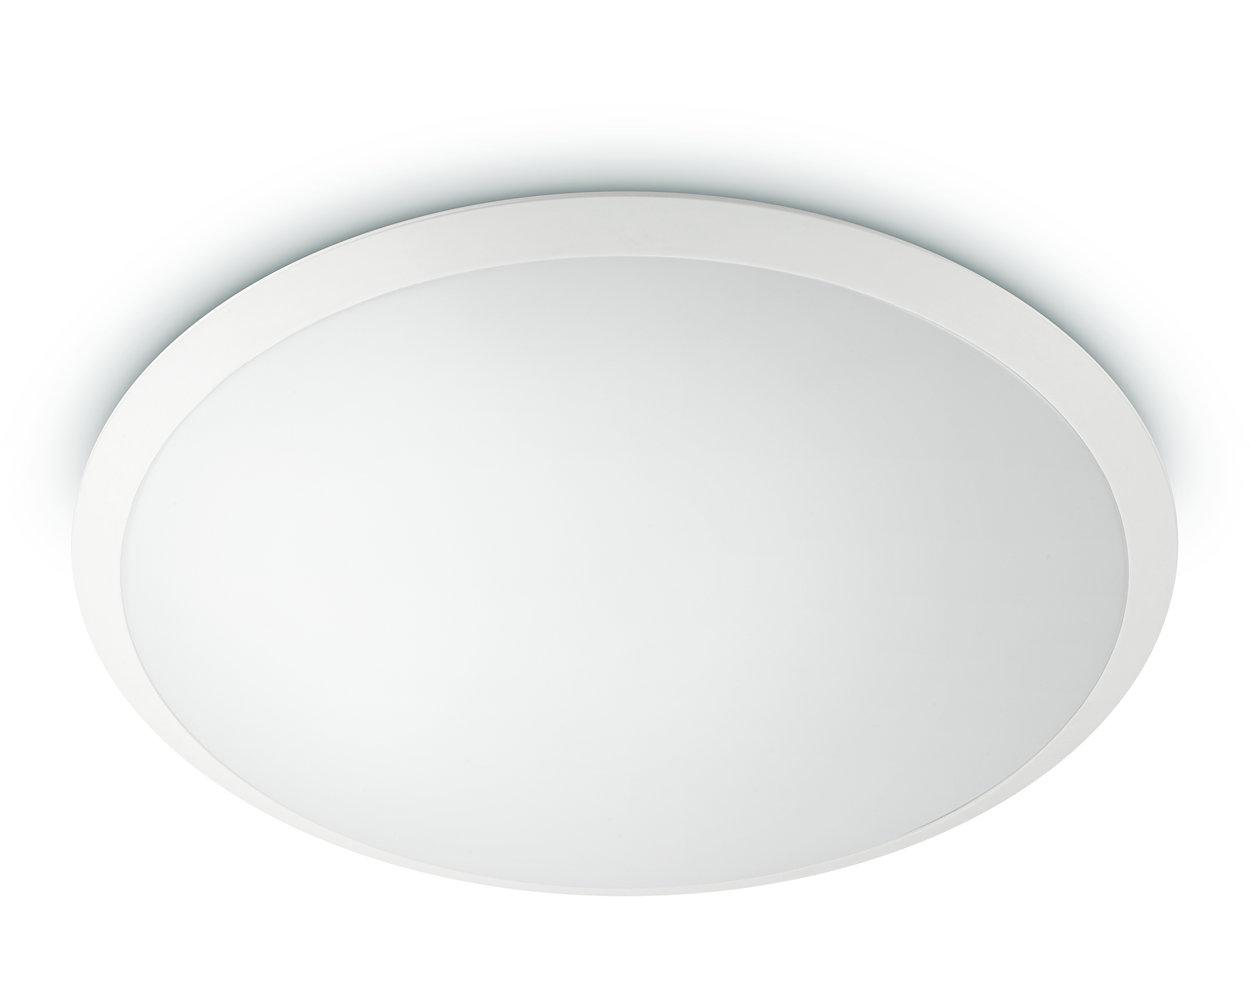 优质灯具营造舒适家居氛围